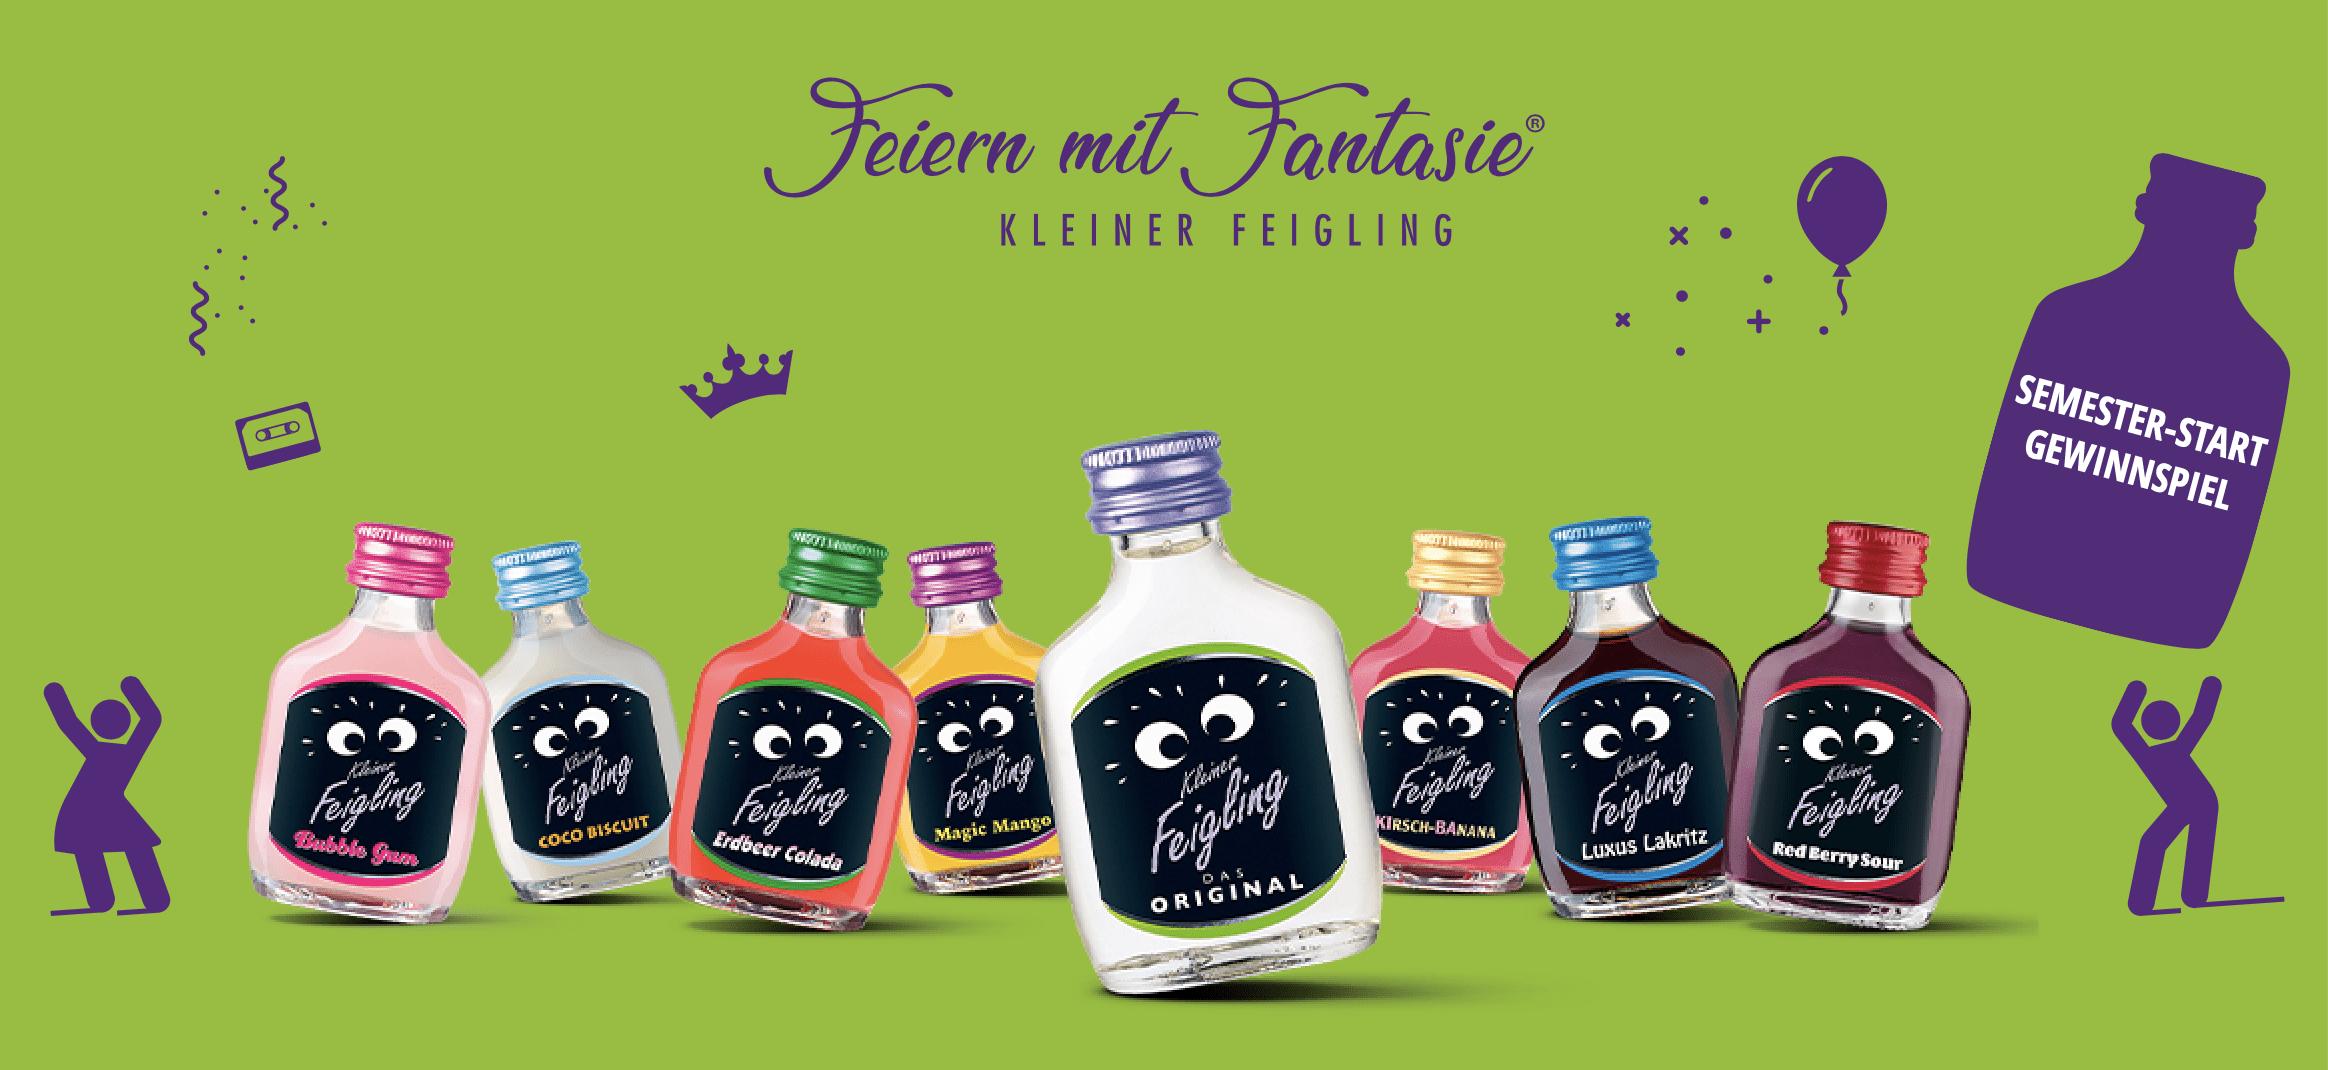 Gewinnspiel-Cases FMCG Getränke Kleiner Feigling